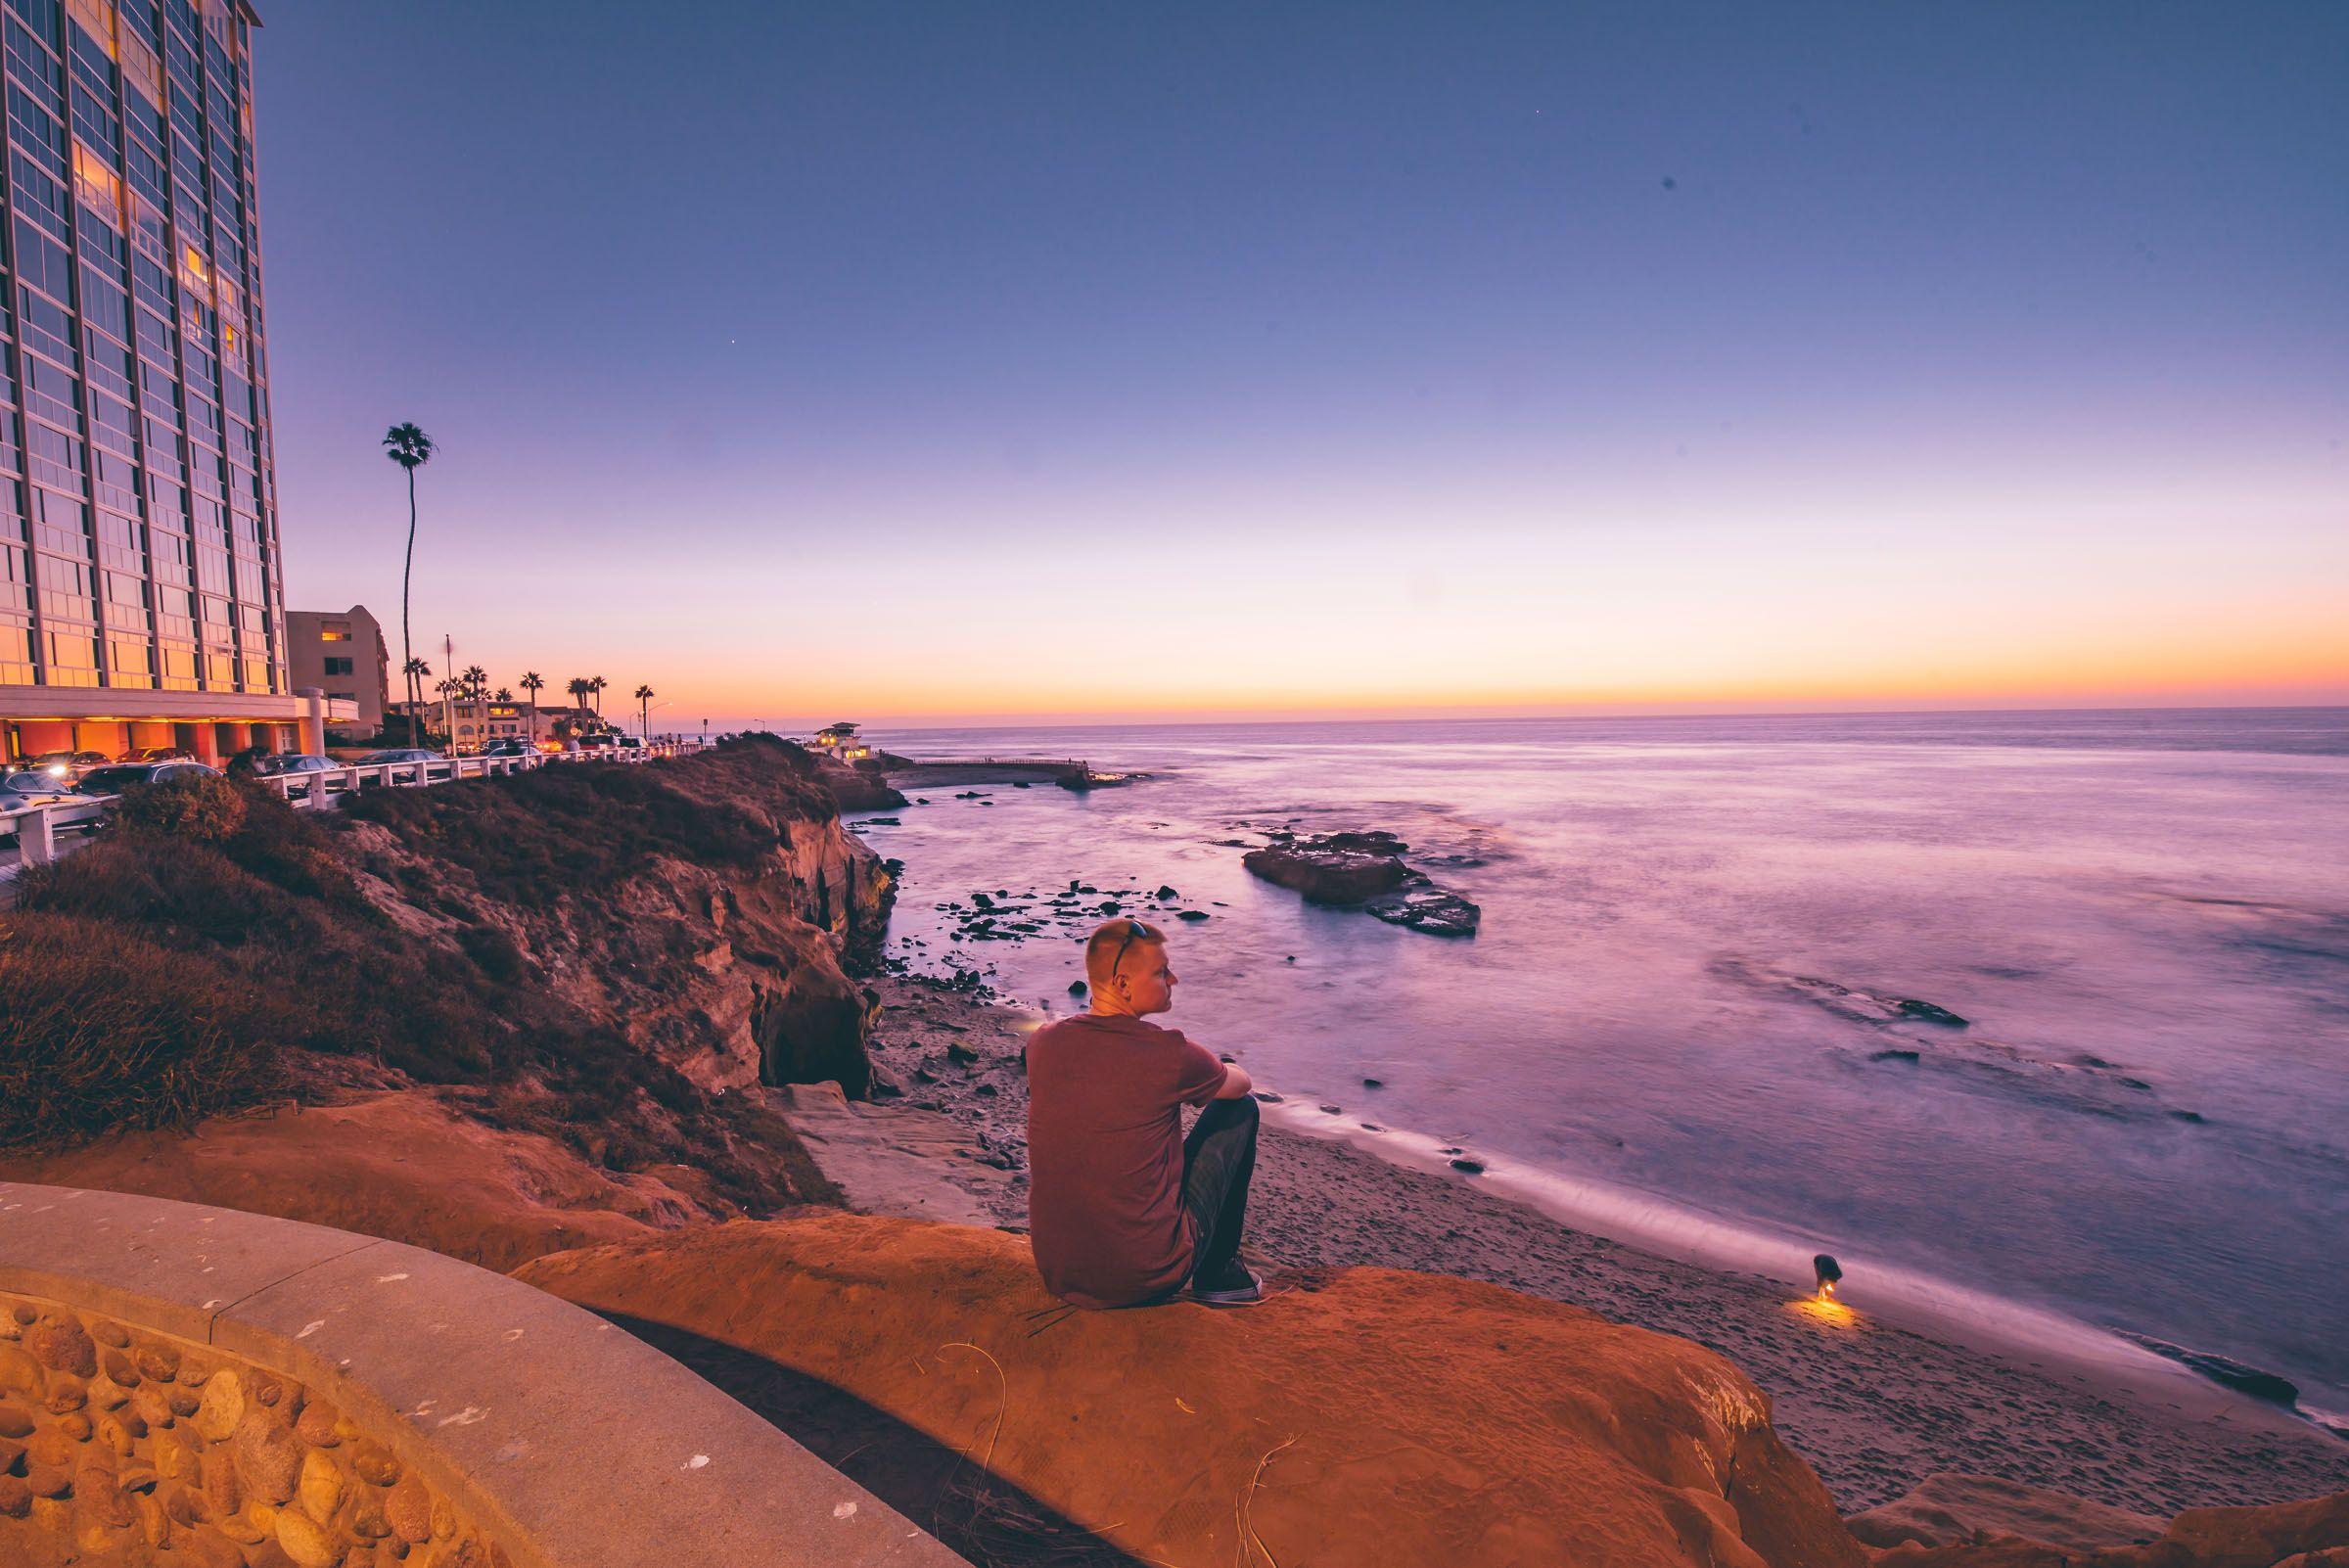 La Jolla California Sunset